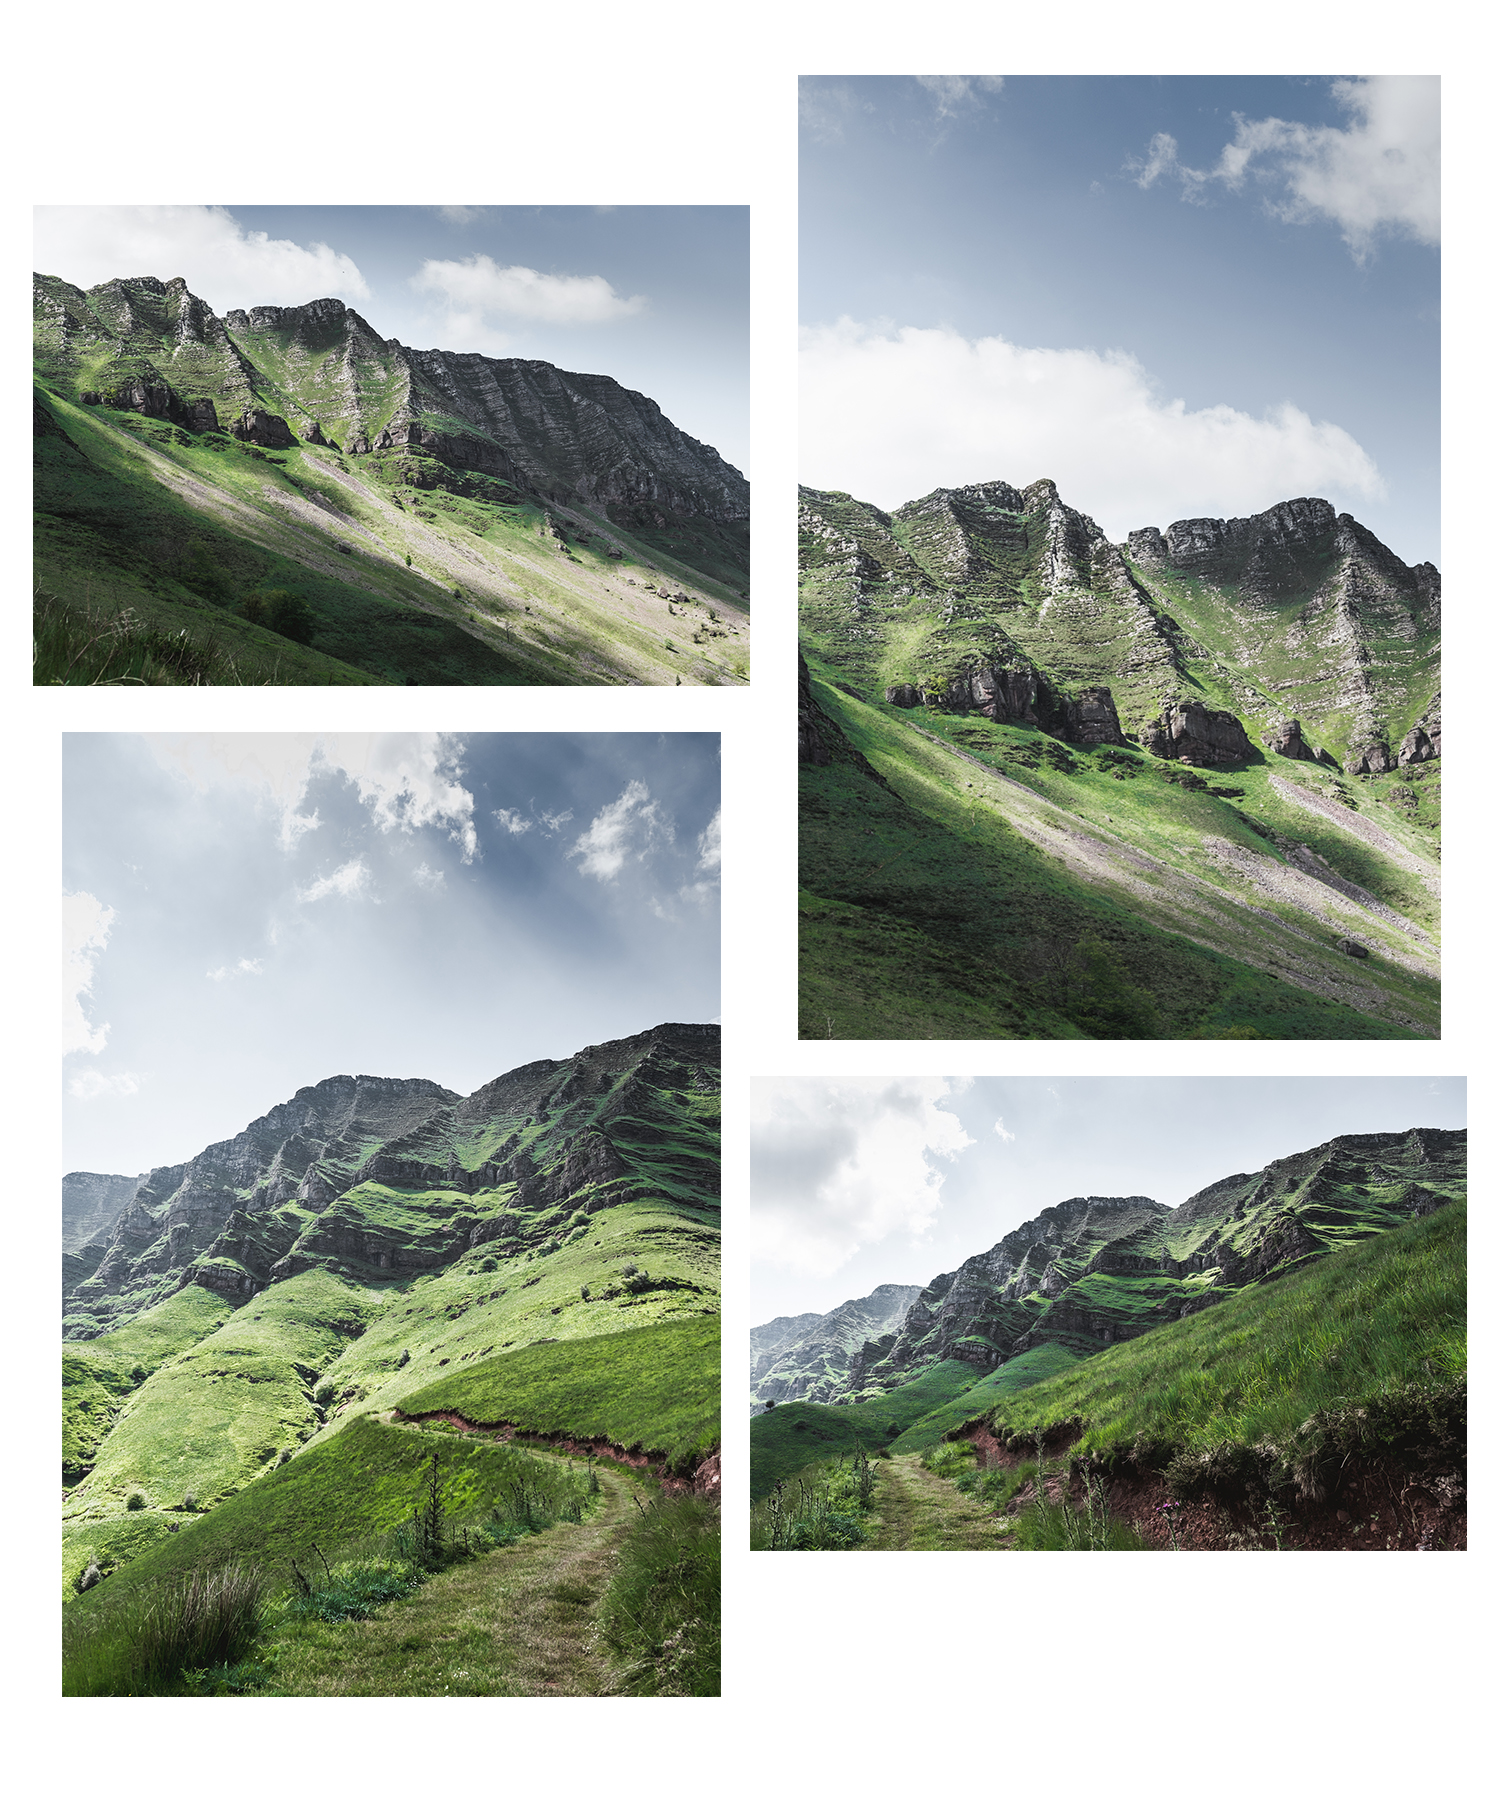 Randonnée au Pays Basque - Les crêtes d'Iparla-paysage-3